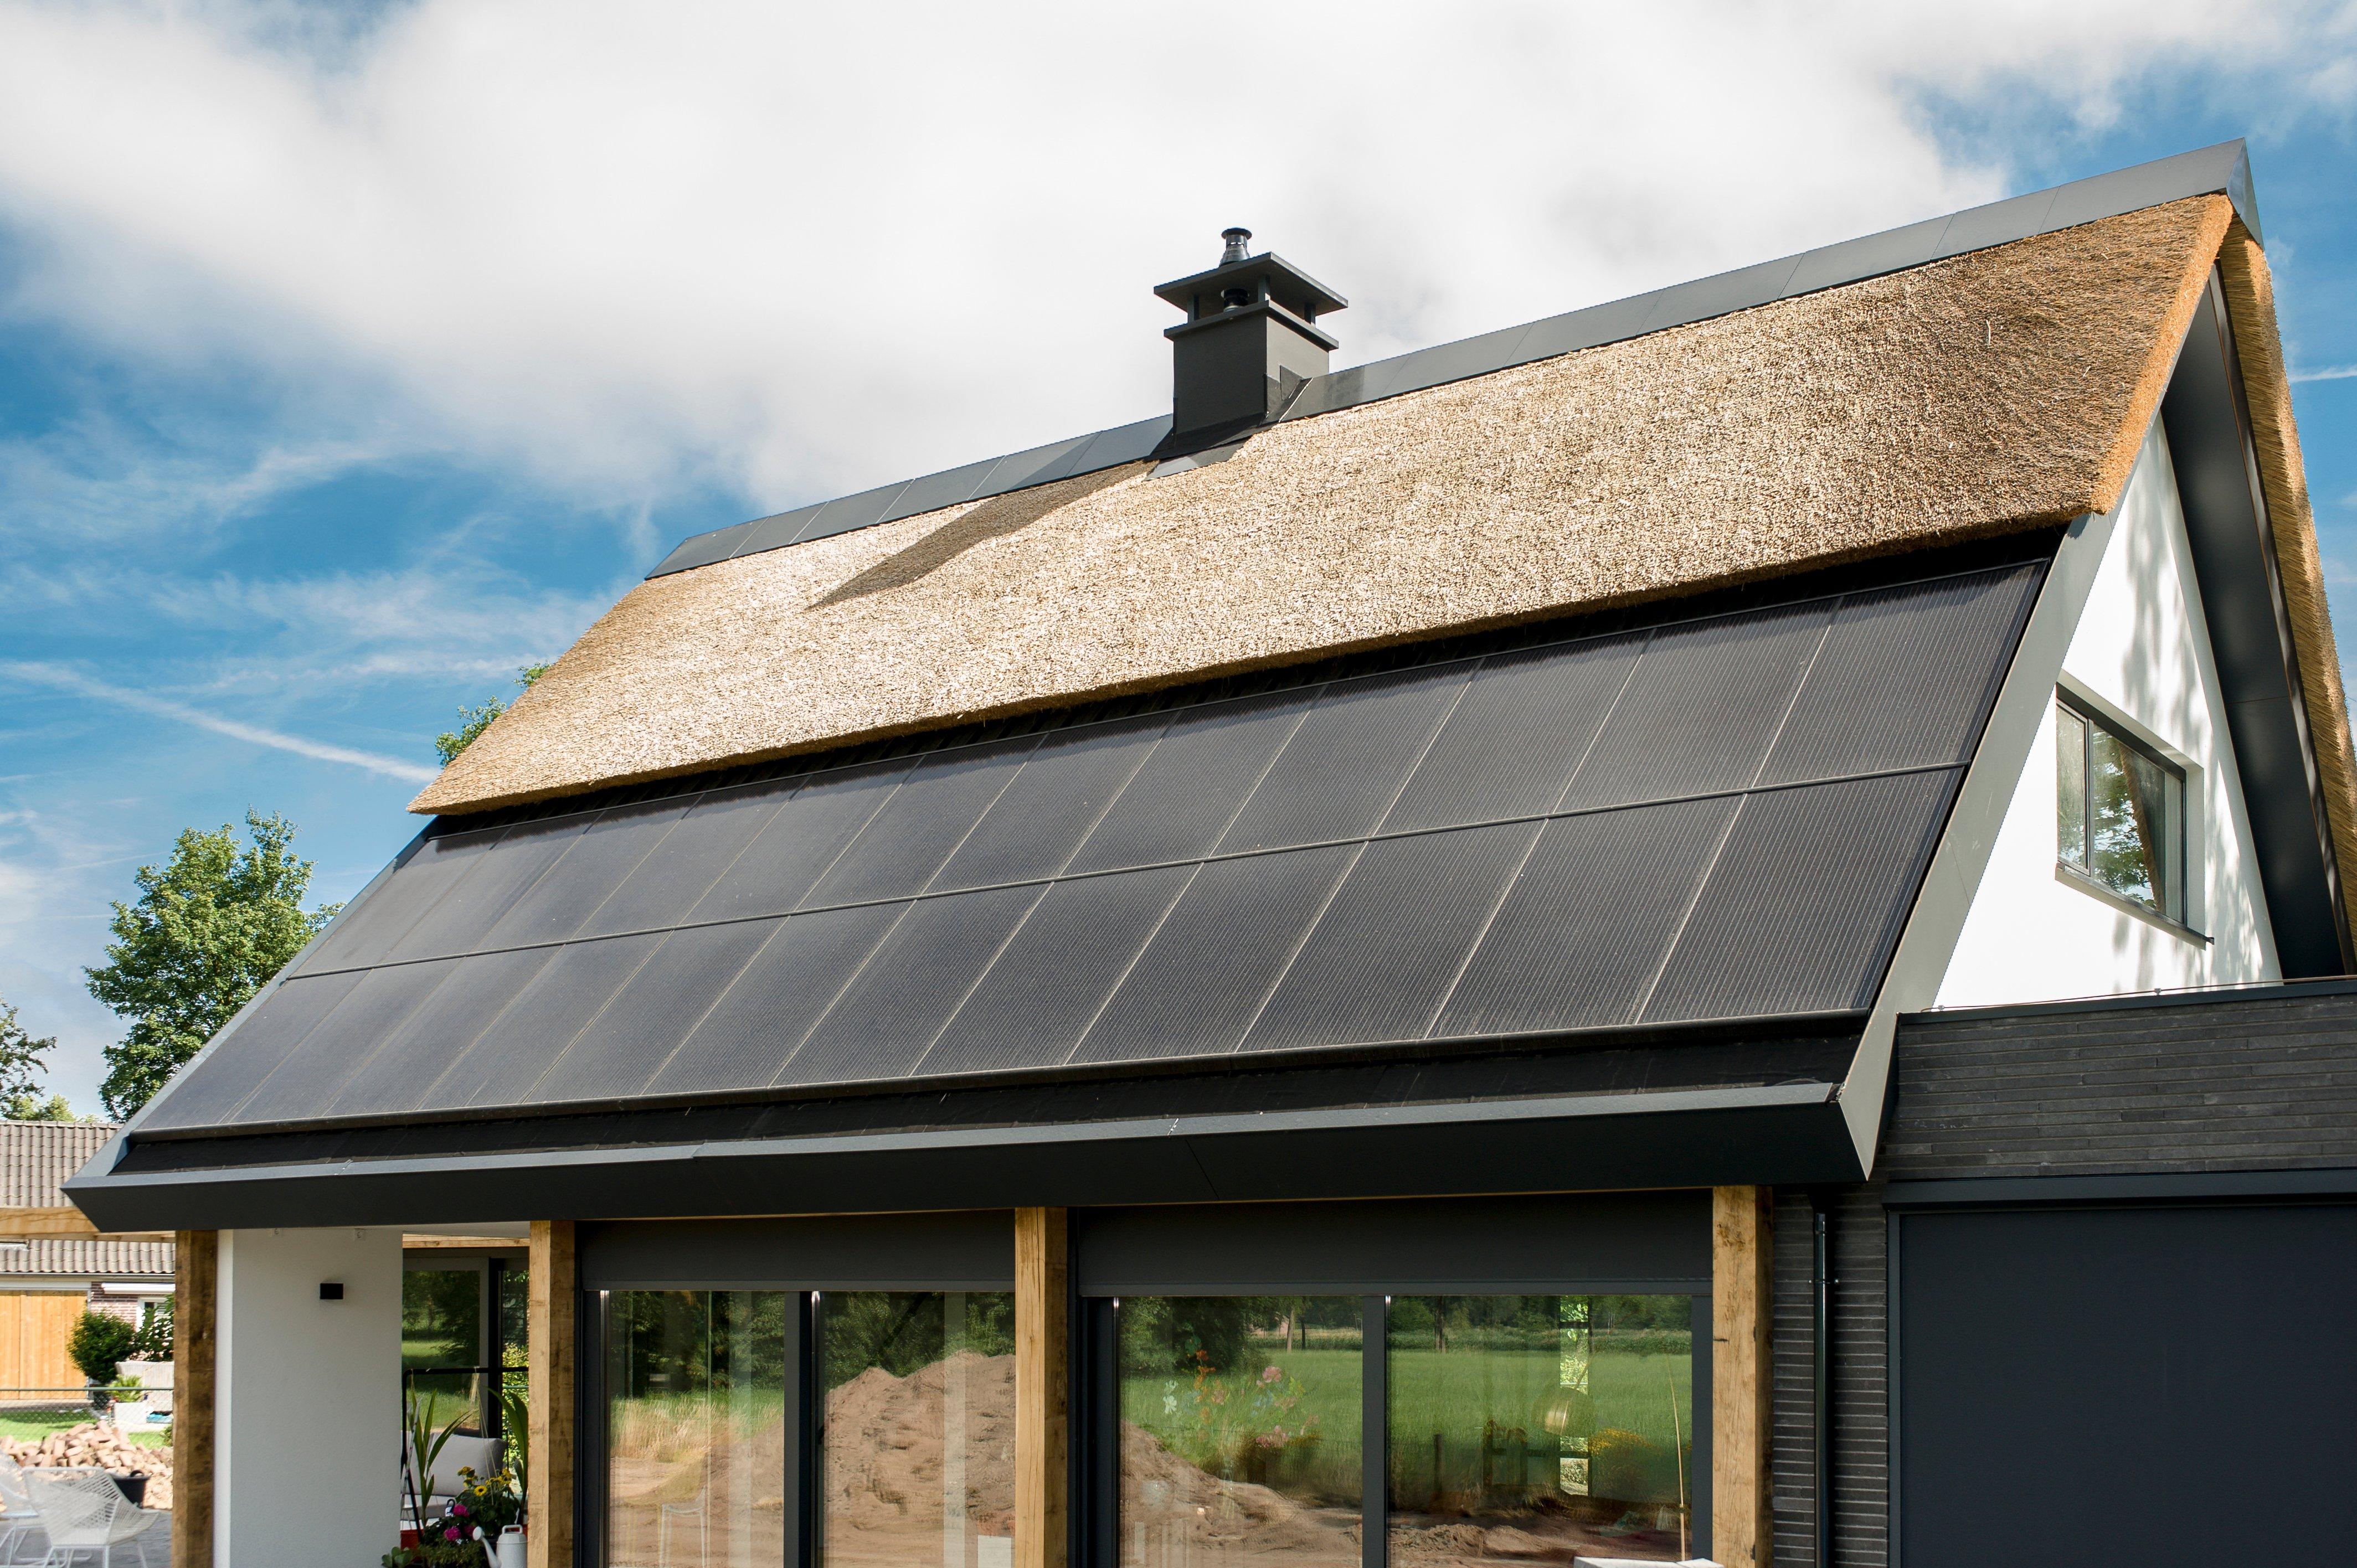 Kan ik de thermische panelen onder mijn eigen zonnepanelen aanbrengen?